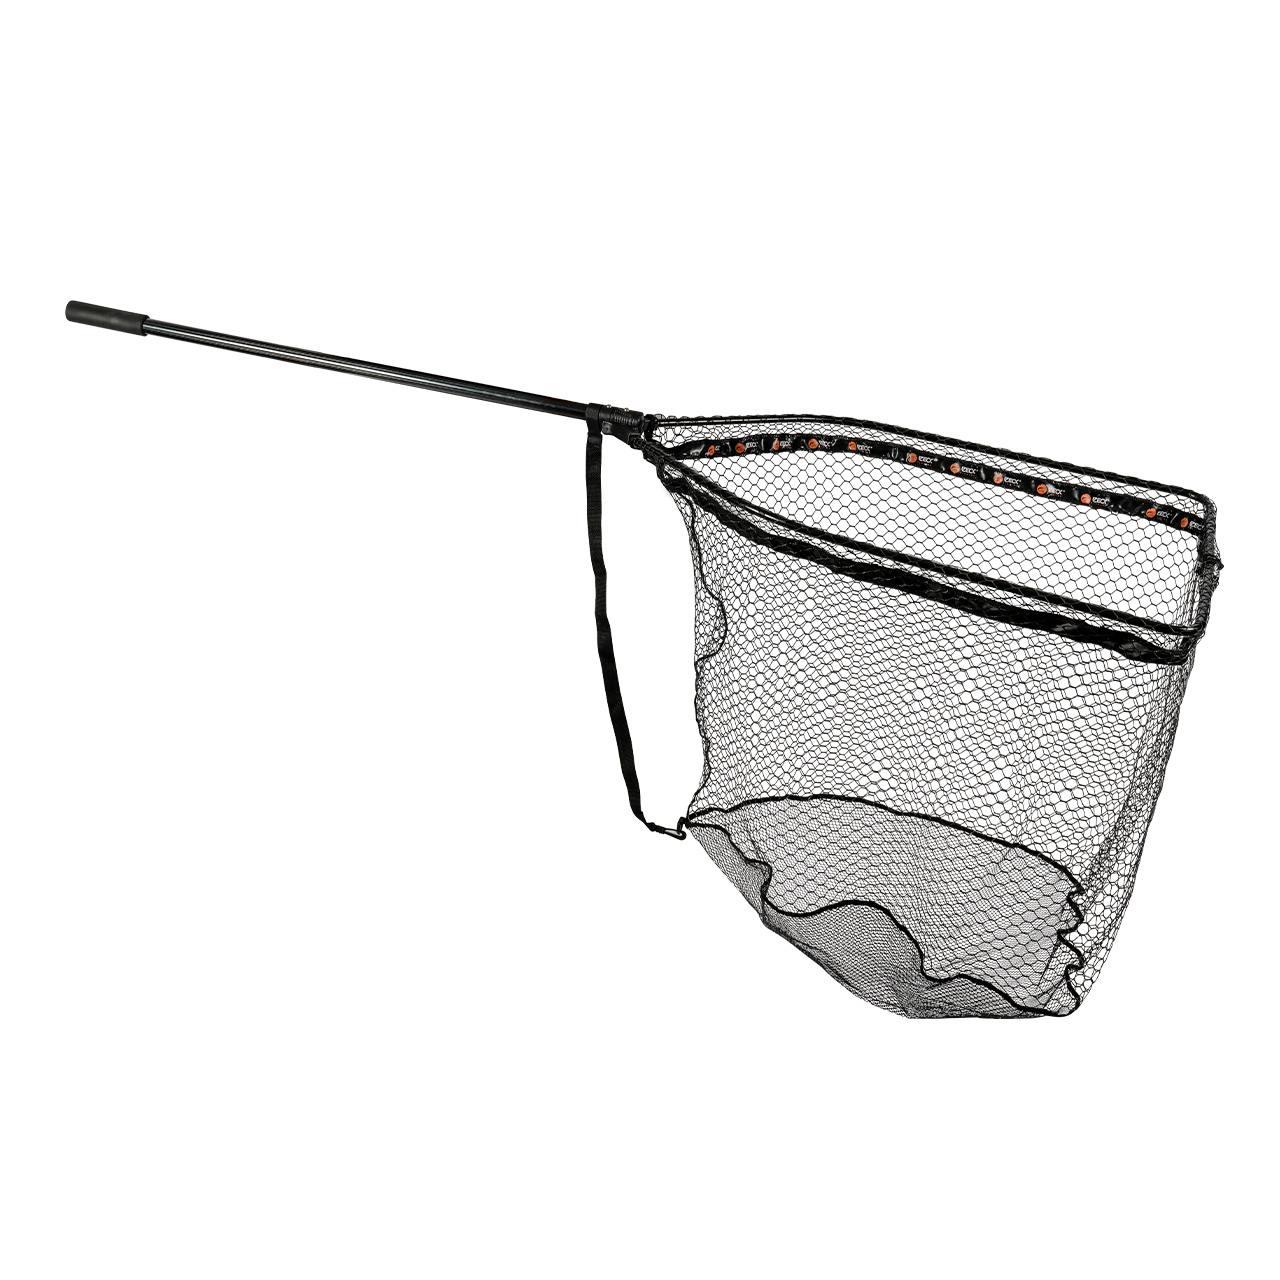 Folding Rubber Net